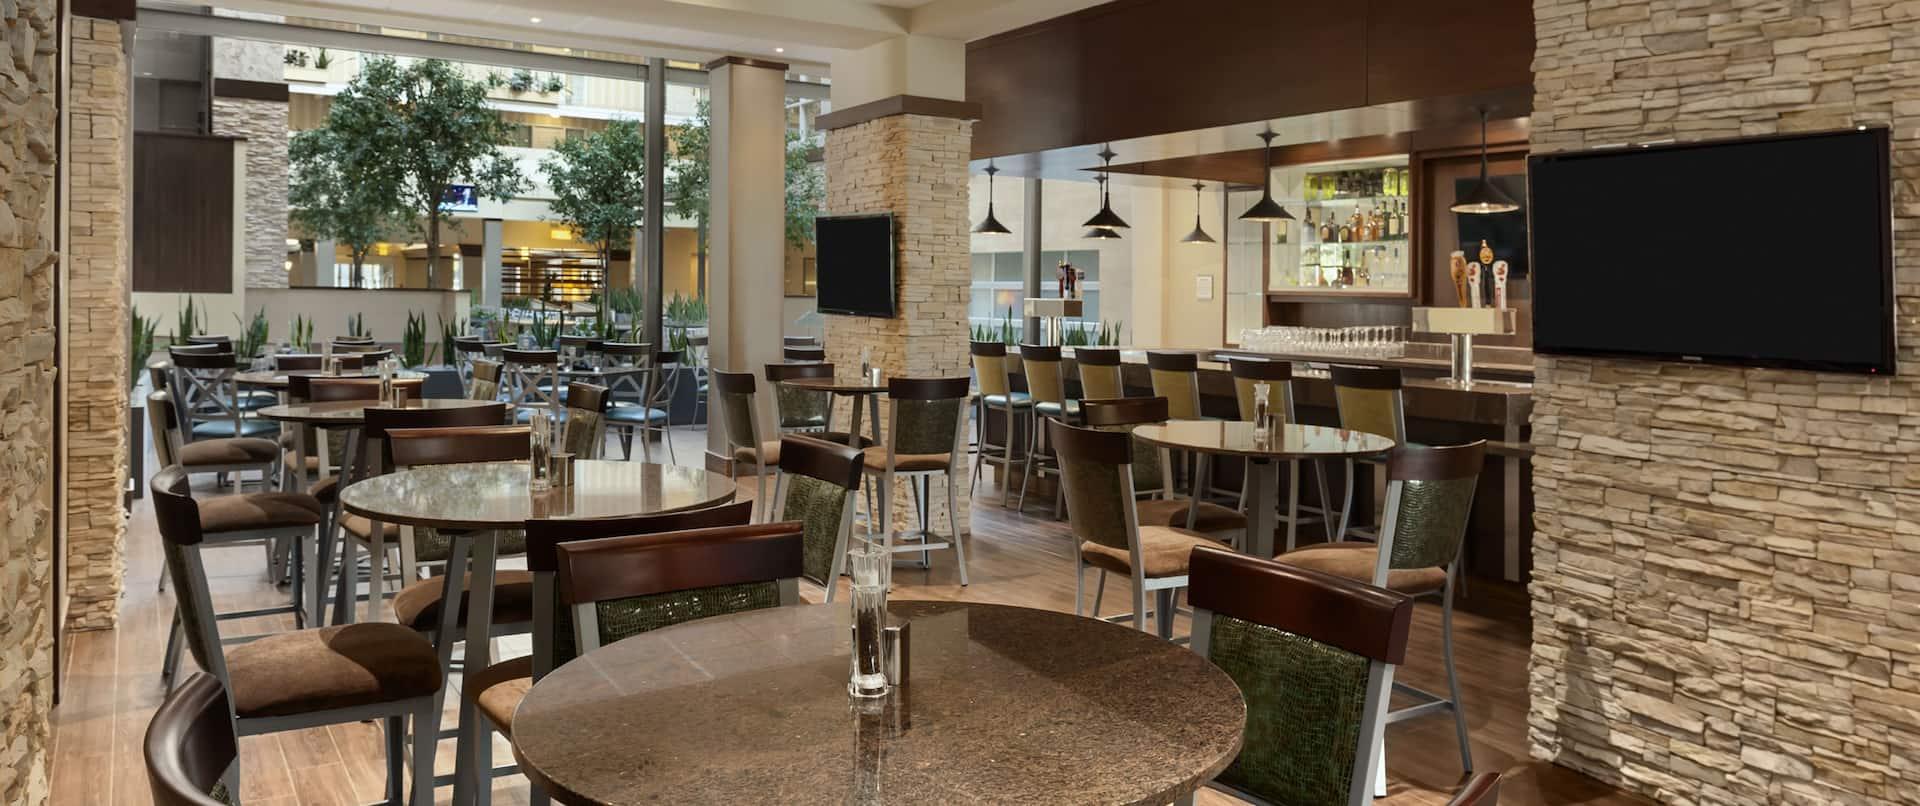 Atrio Restaurant and Bar